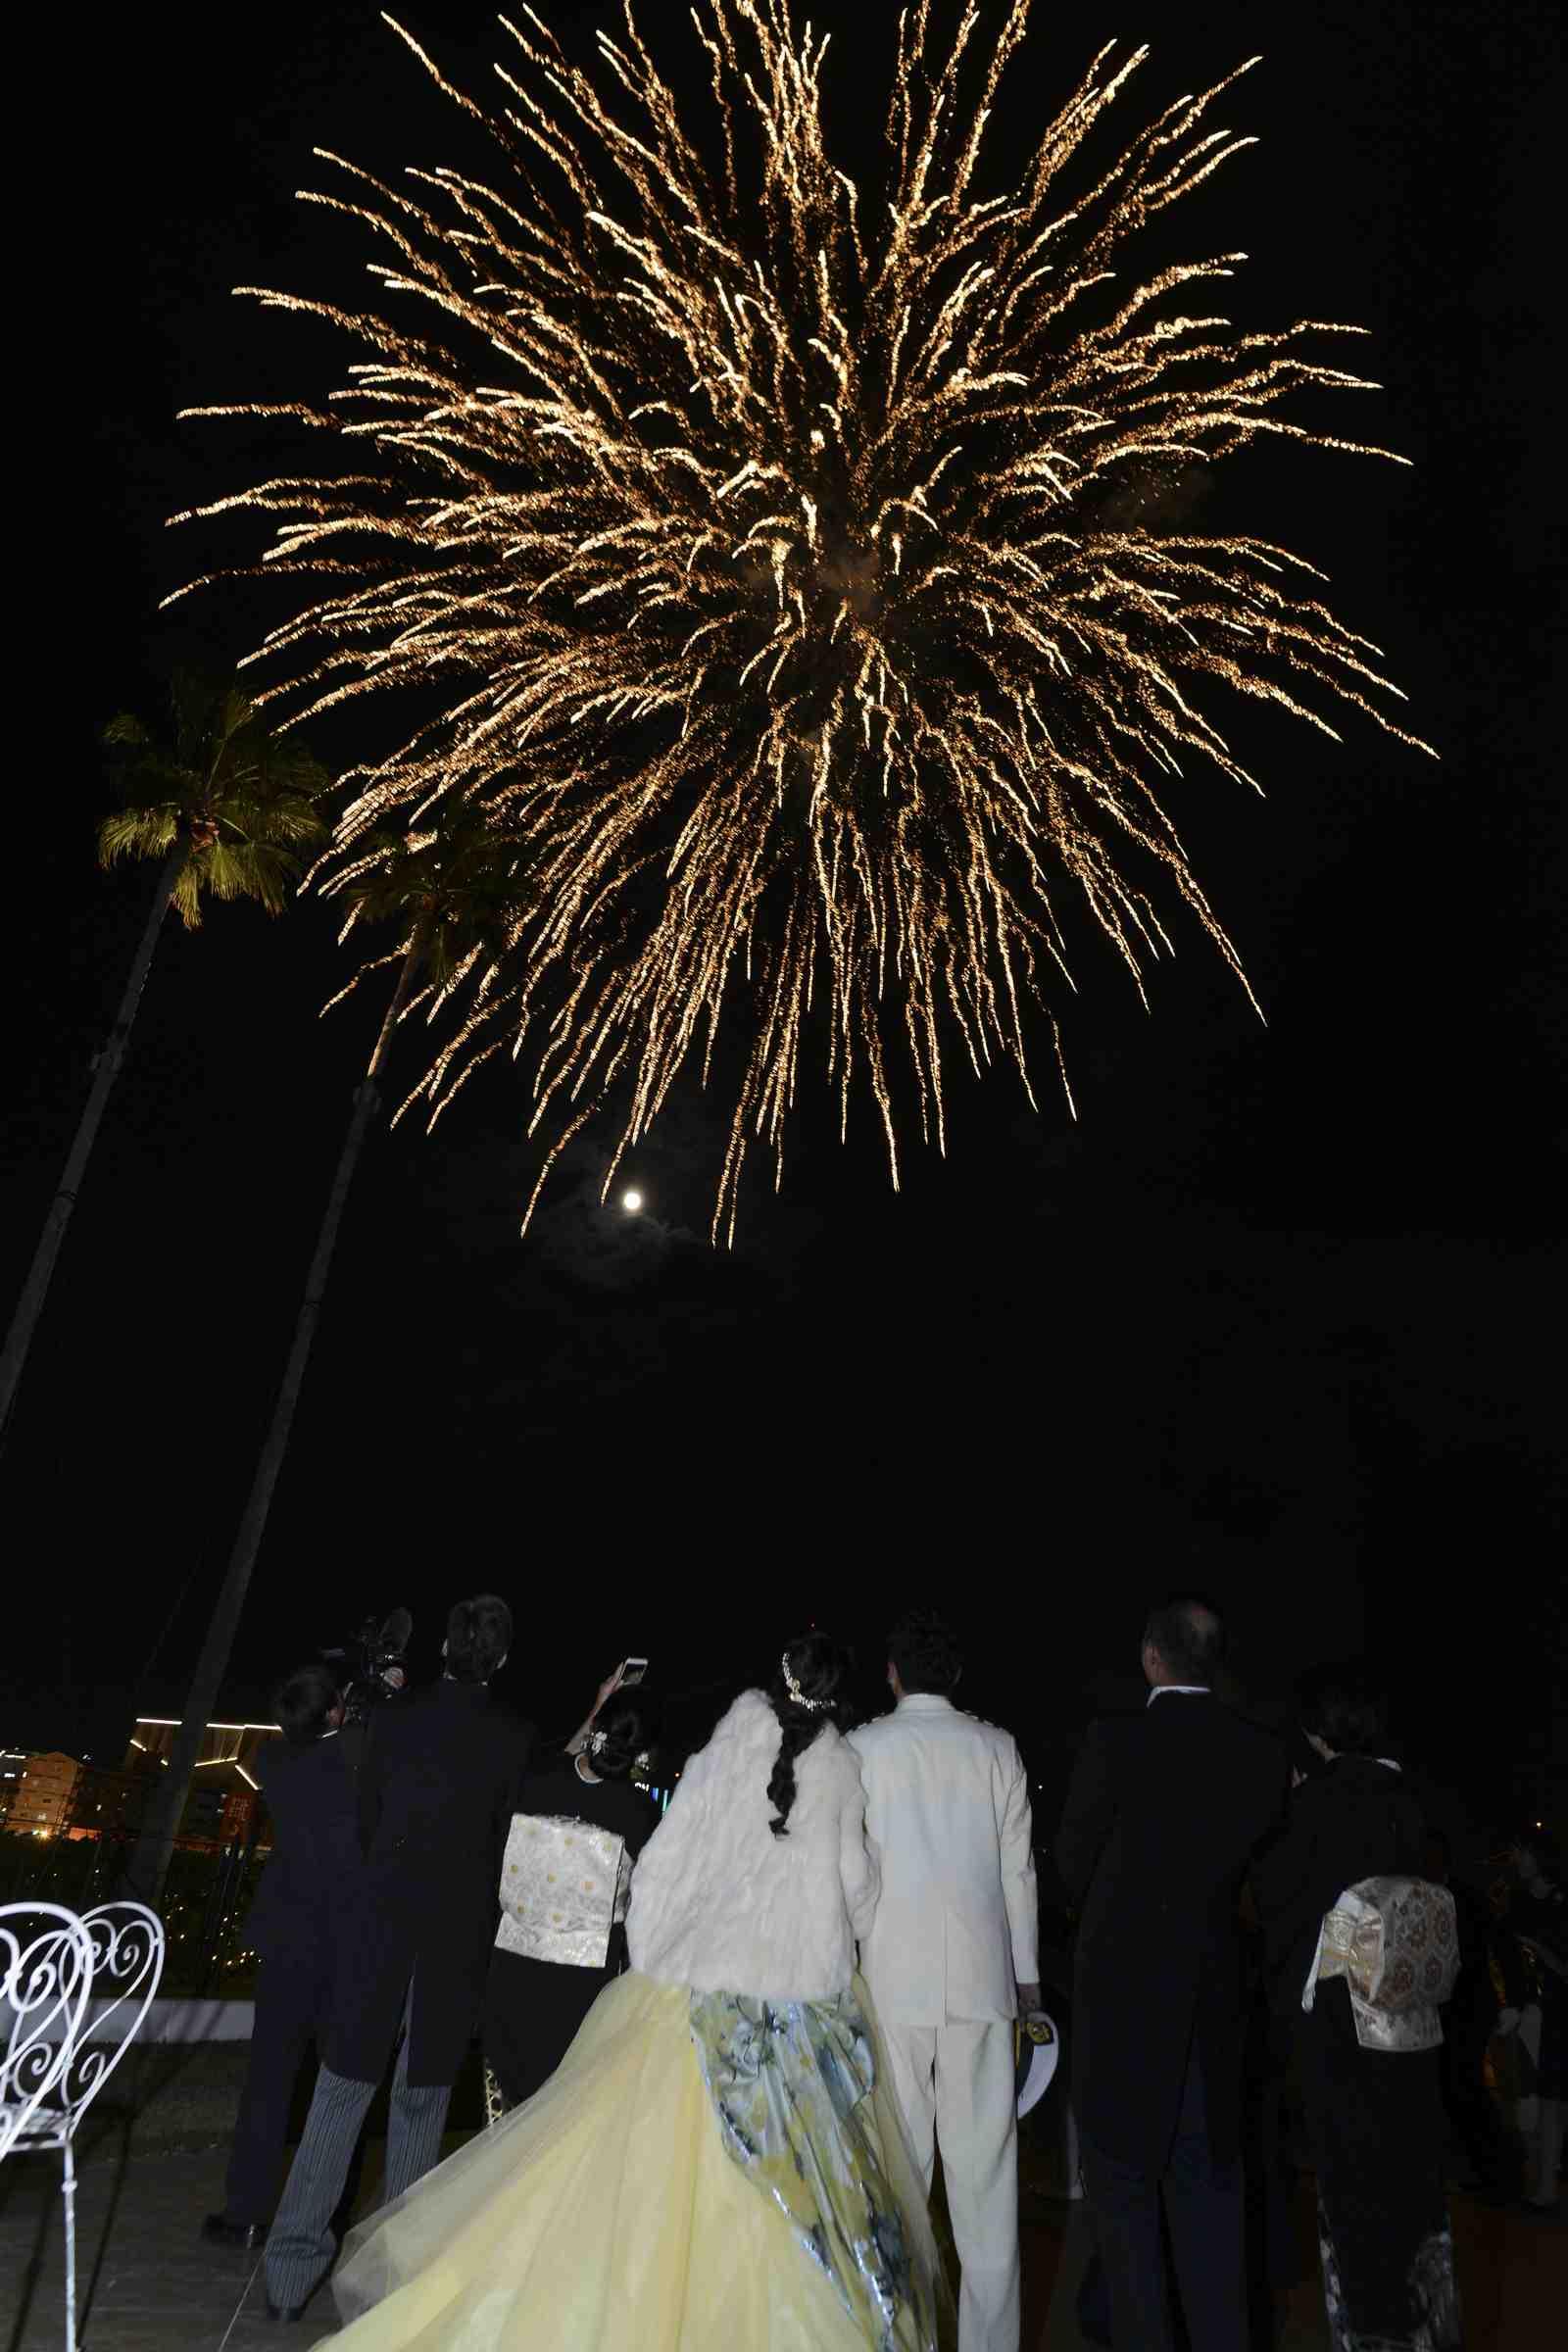 徳島市の結婚式場ブランアンジュで夜空に美しく咲いた感謝と祝福の気持ちがこめられた打ち上げ花火